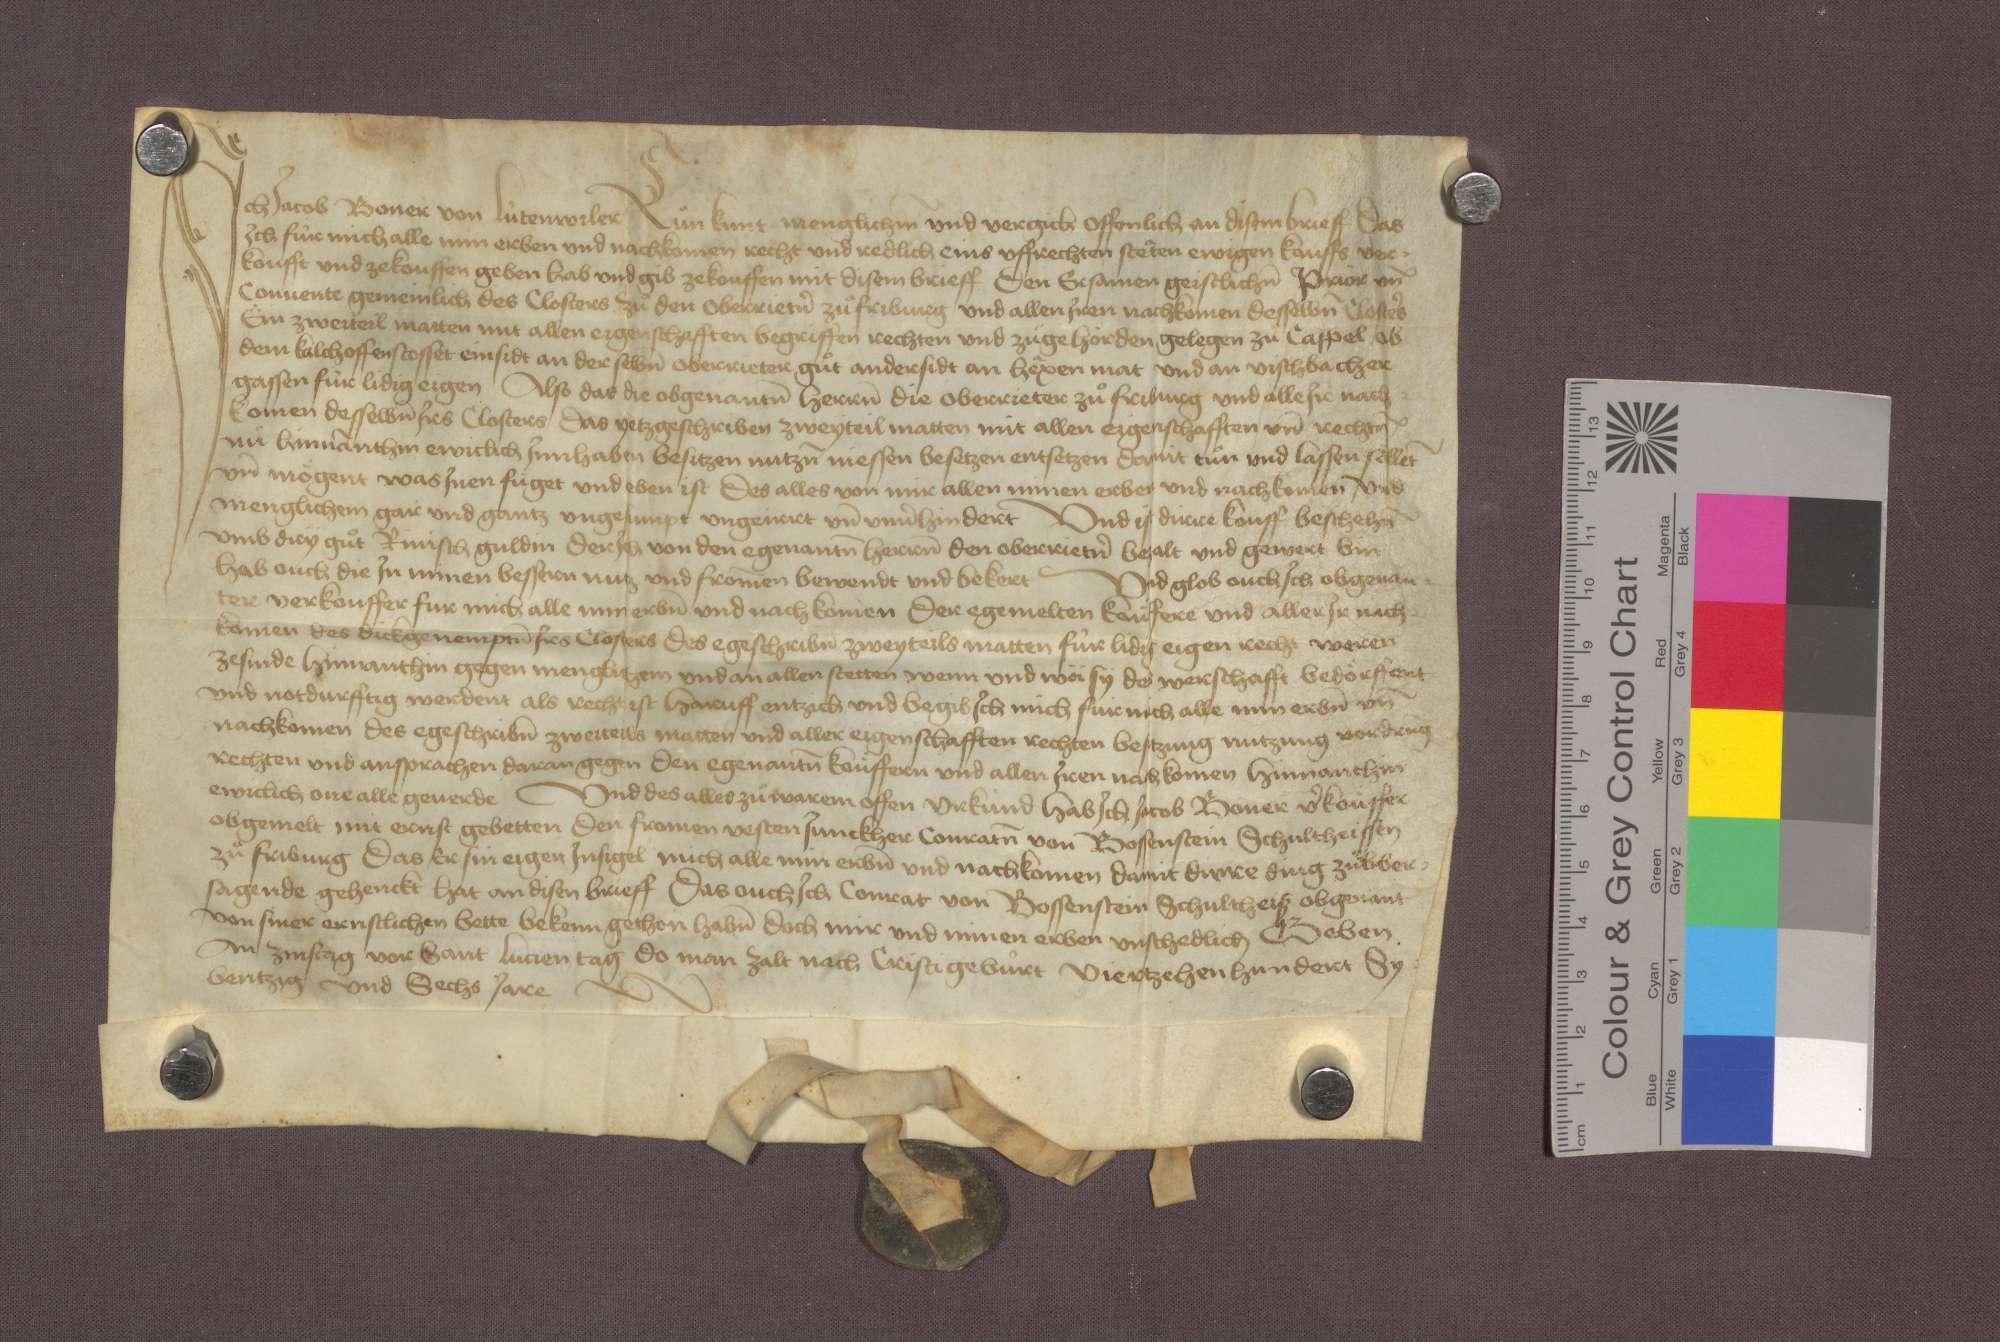 Jakob Boner von Littenweiler verkauft dem Kloster Oberried zu Freiburg ein Zweitel Matten mit allen Zugehörungen, im Kappeler Tal ob dem Kalkofen bei dem anderen Gut der Oberrieder, um 3 Gulden., Bild 1